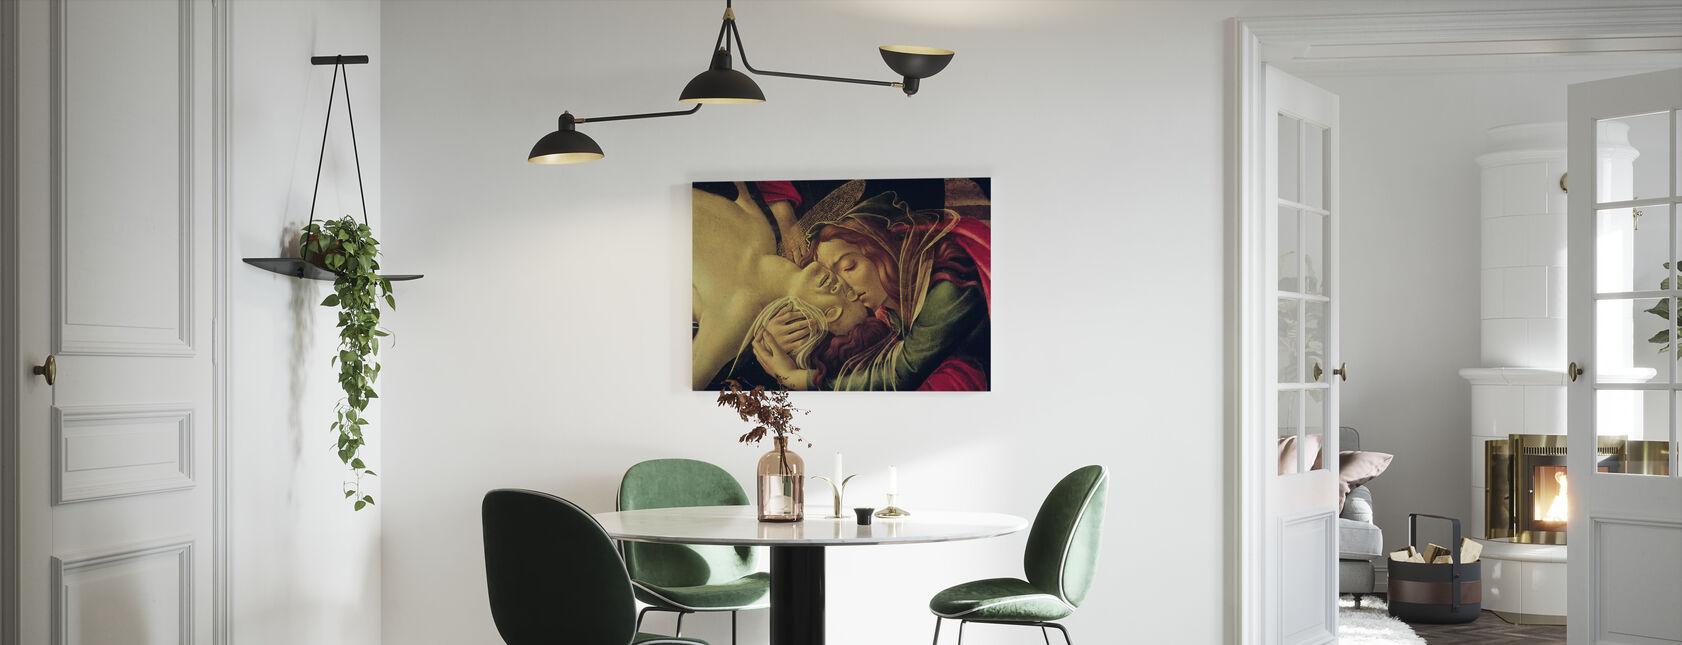 Lamentation of Christ - Sandro Botticelli - Canvas print - Kitchen